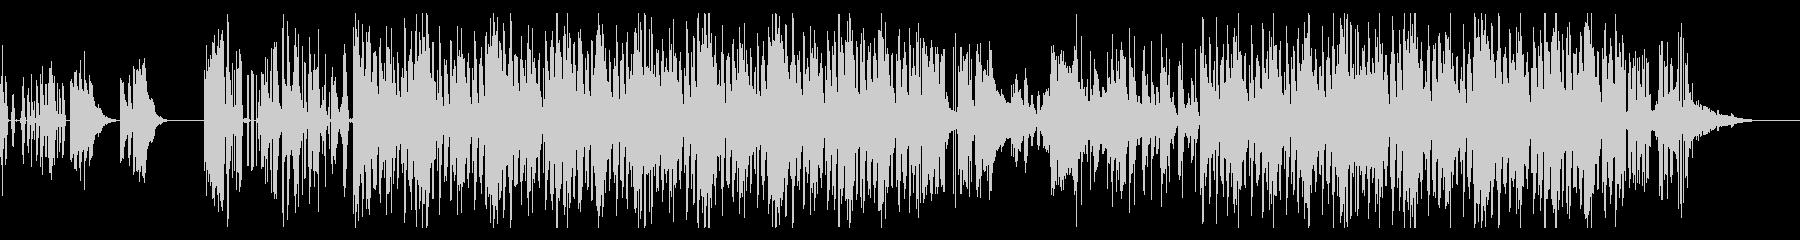 ローファイなヒップホップビートの未再生の波形